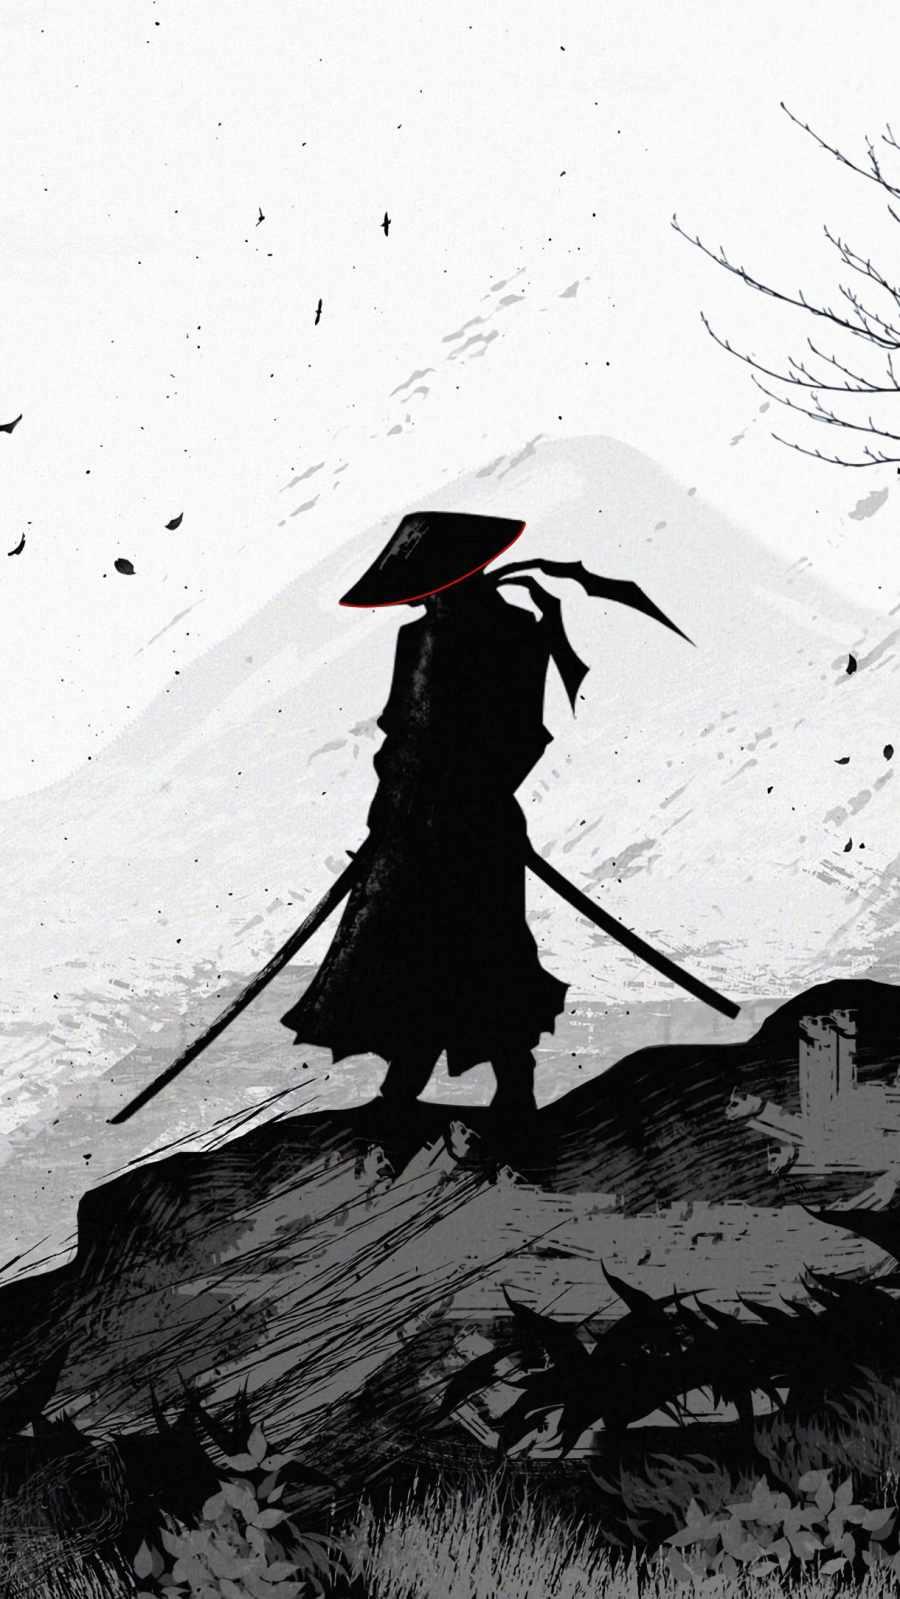 Ninja Warrior Art